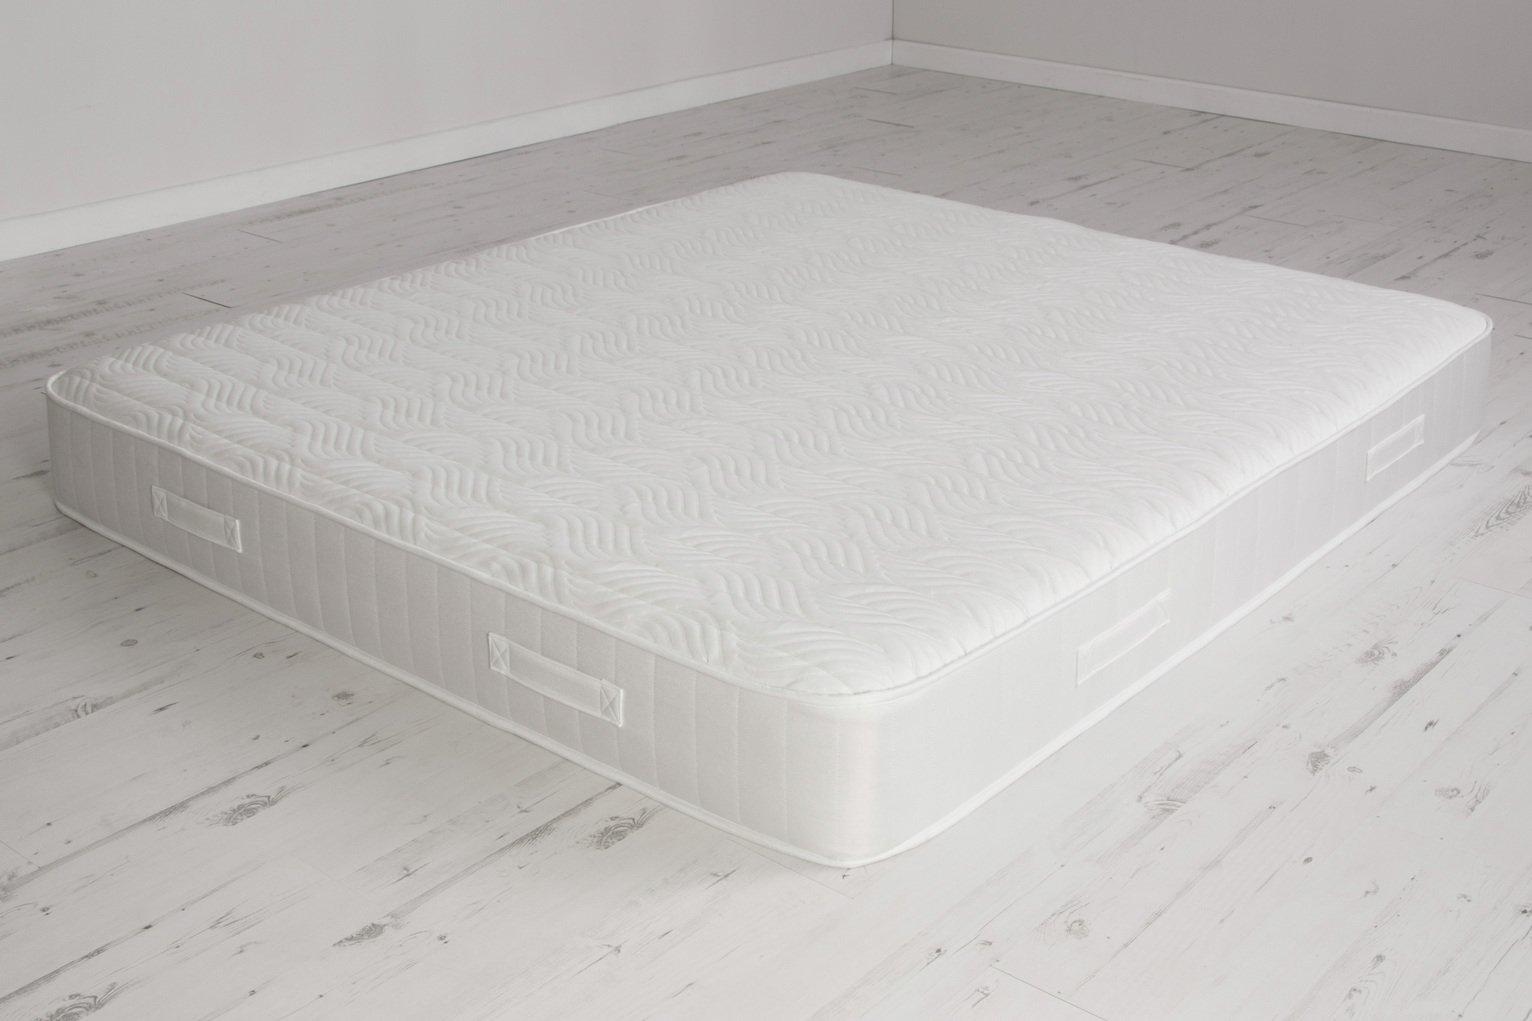 Image of Airpsrung - Astall 1500 Memory Foam - Superking Mattress